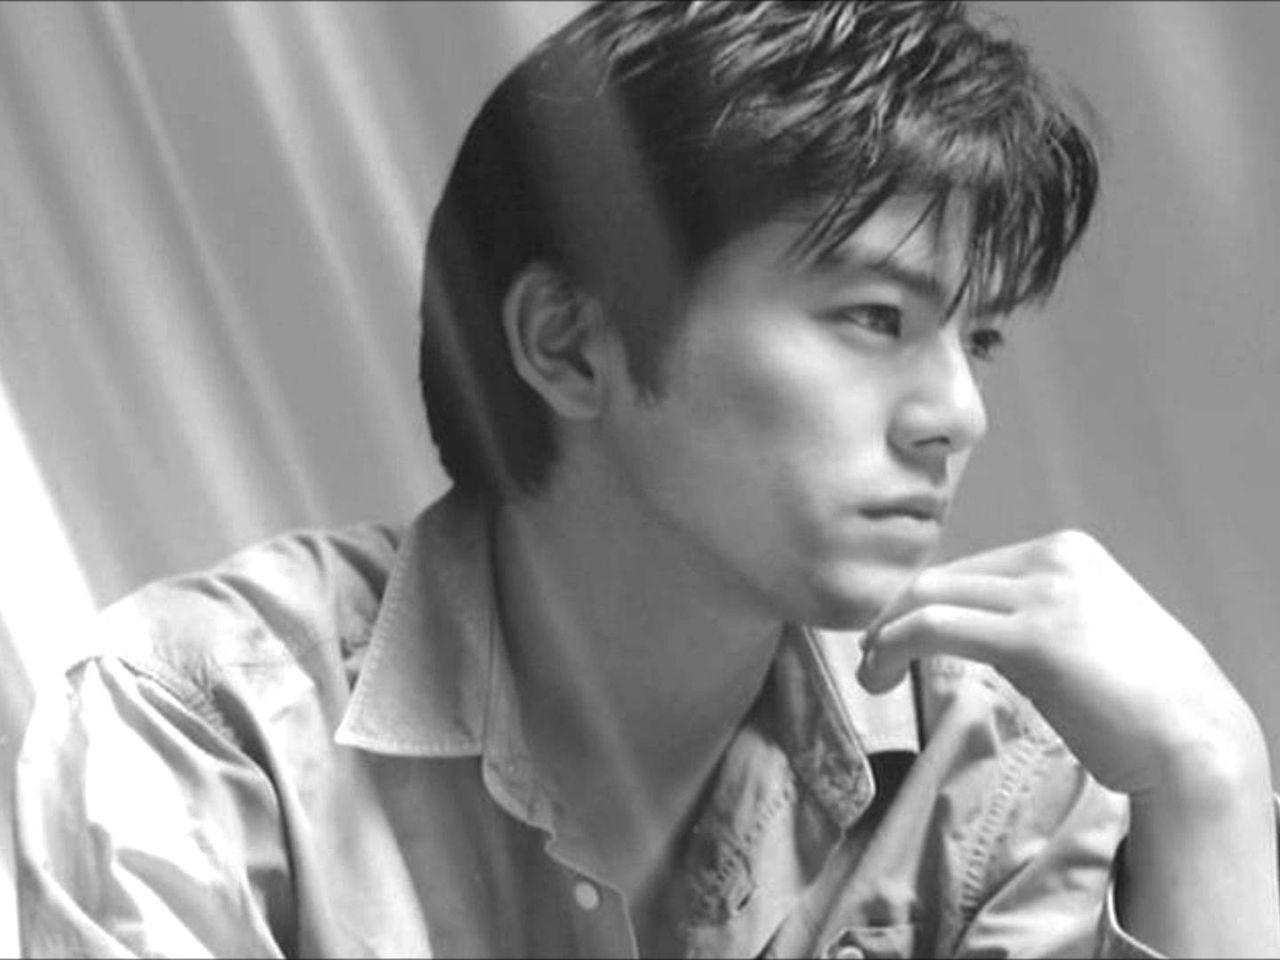 尾崎豊の「盗んだバイクで走り出す」が今さら物議!!